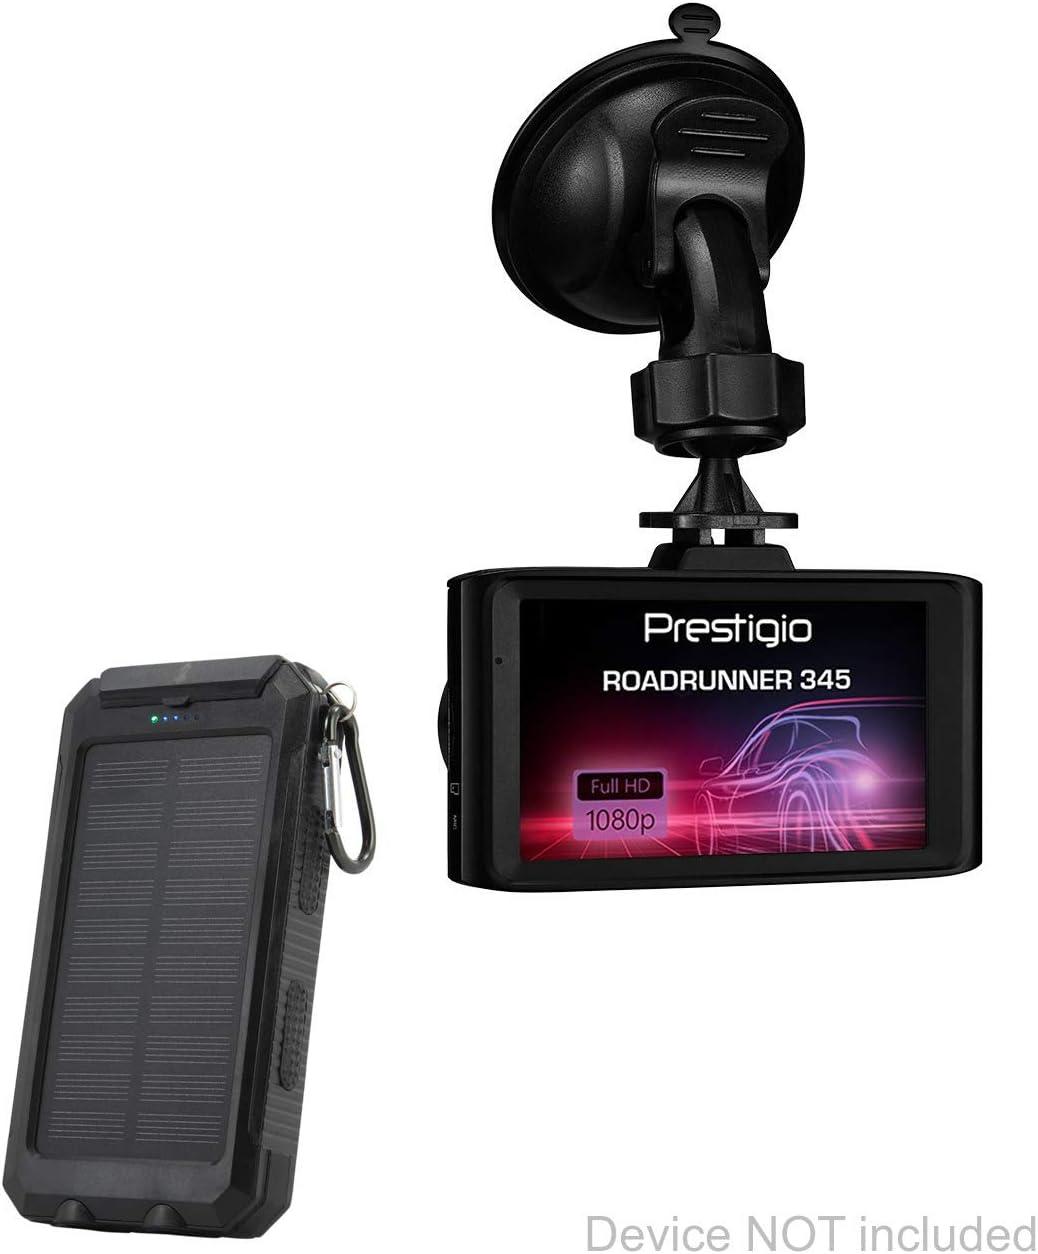 Portable Sync Cable for Prestigio Roadrunner 345 Prestigio Roadrunner 345 Cable miniSync Retractable BoxWave